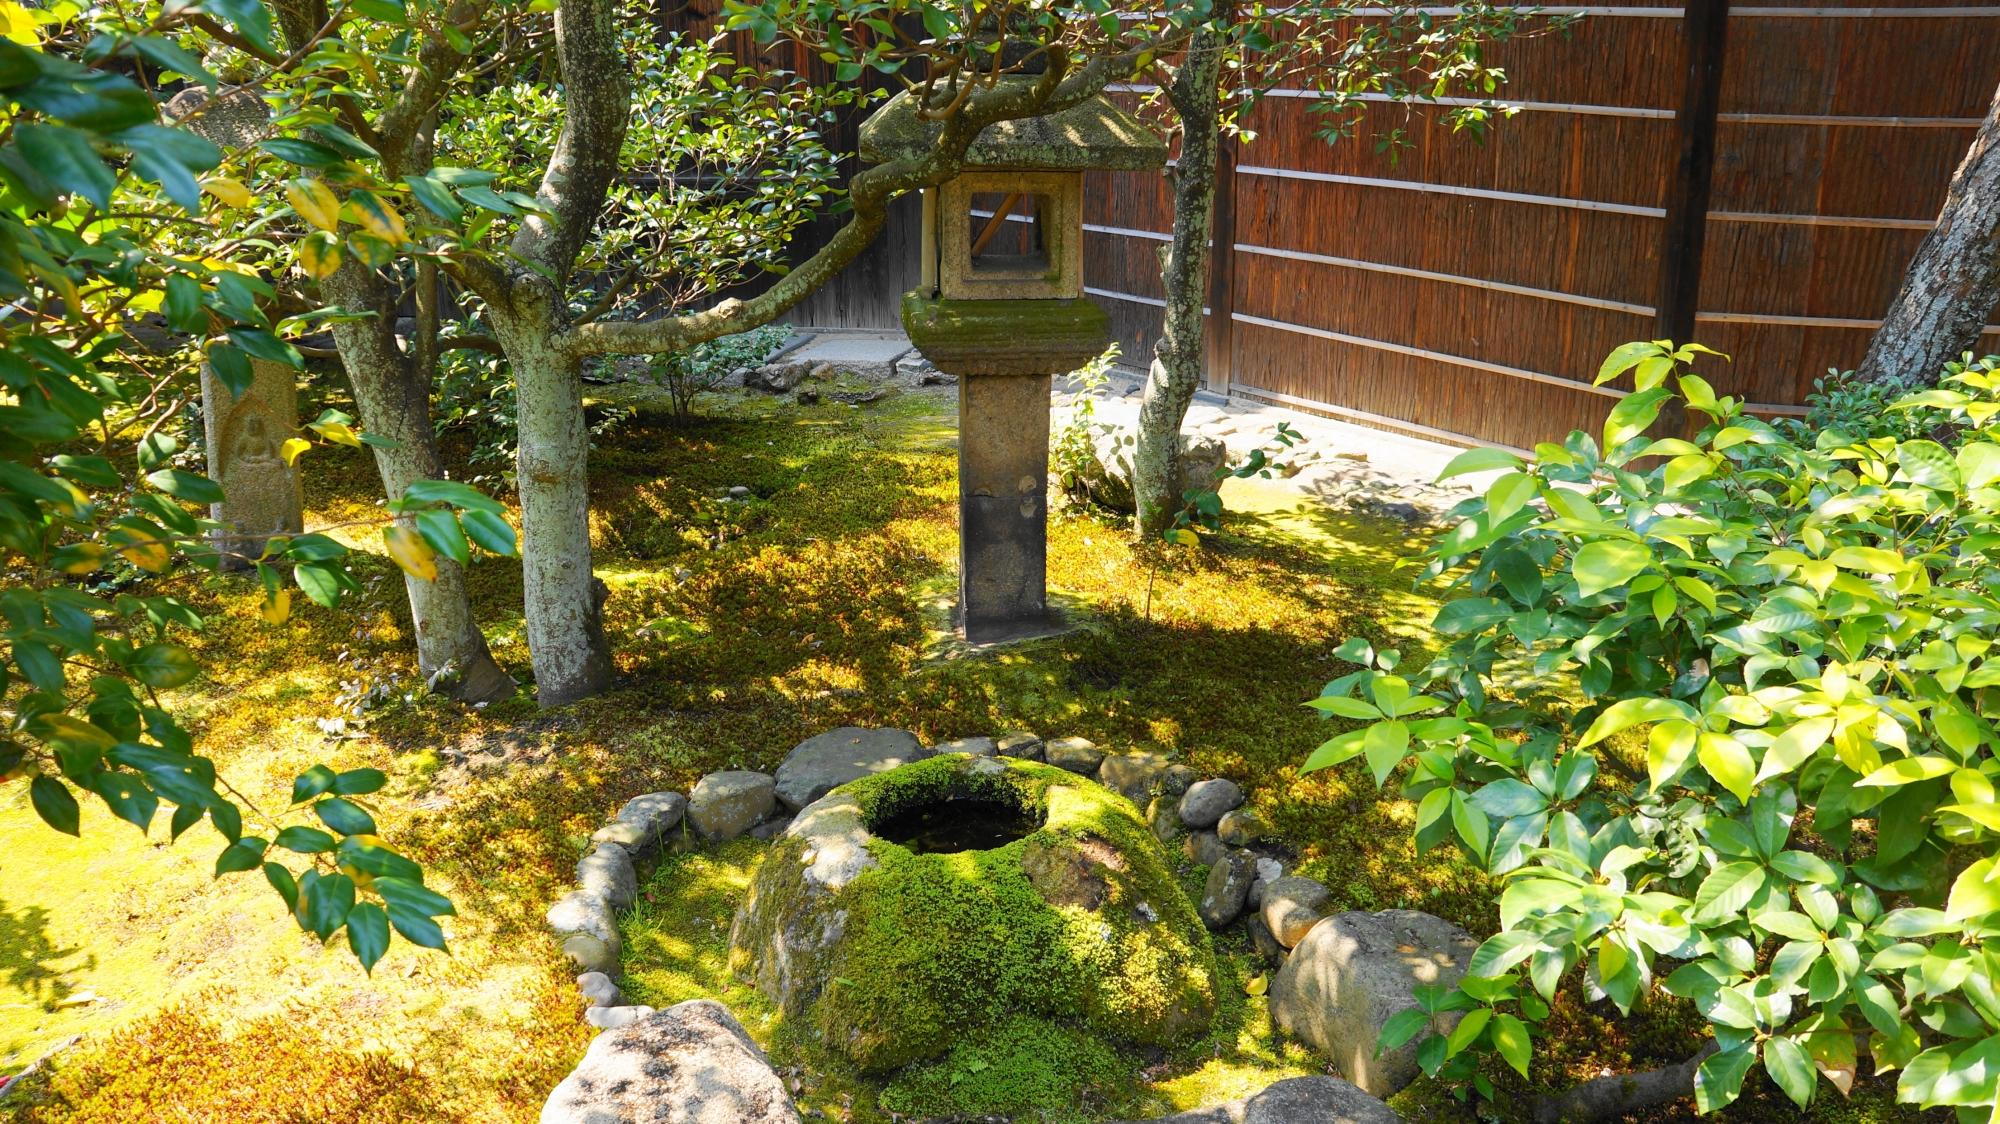 鮮やかな苔につつまれた園林堂